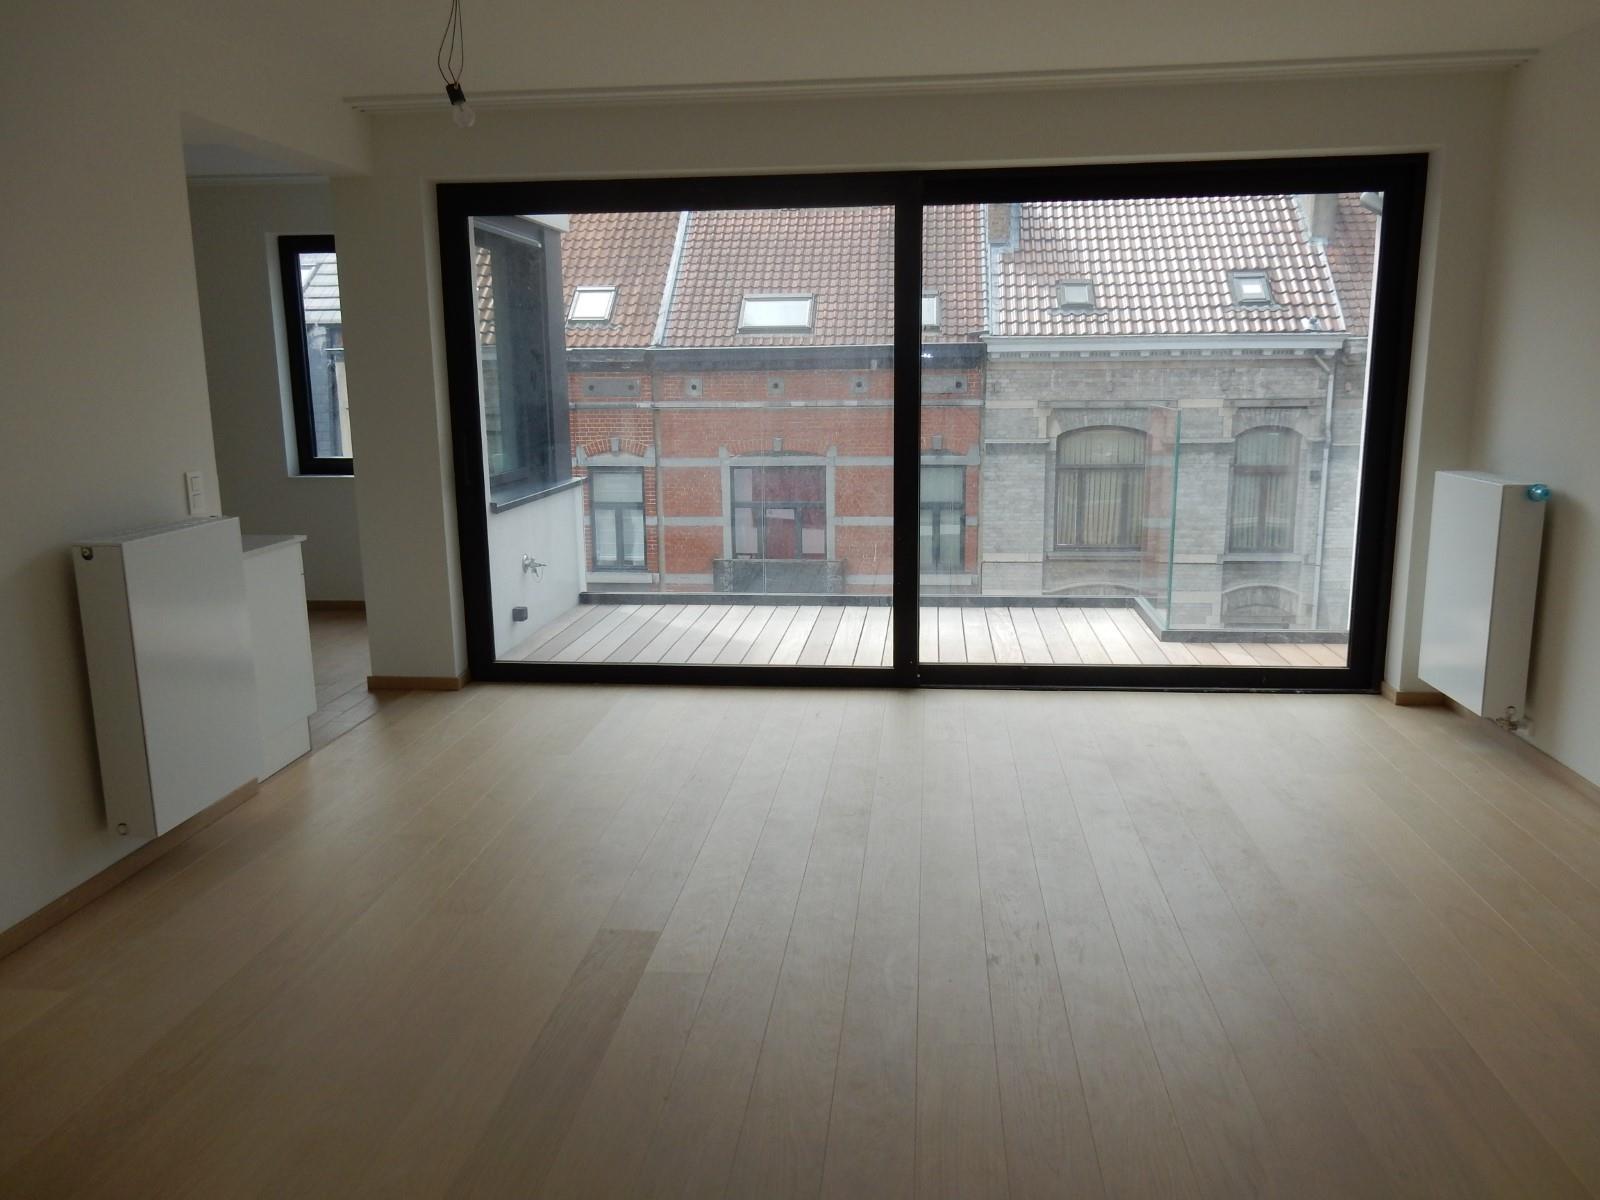 Appartement exceptionnel - Ixelles - #3791385-6